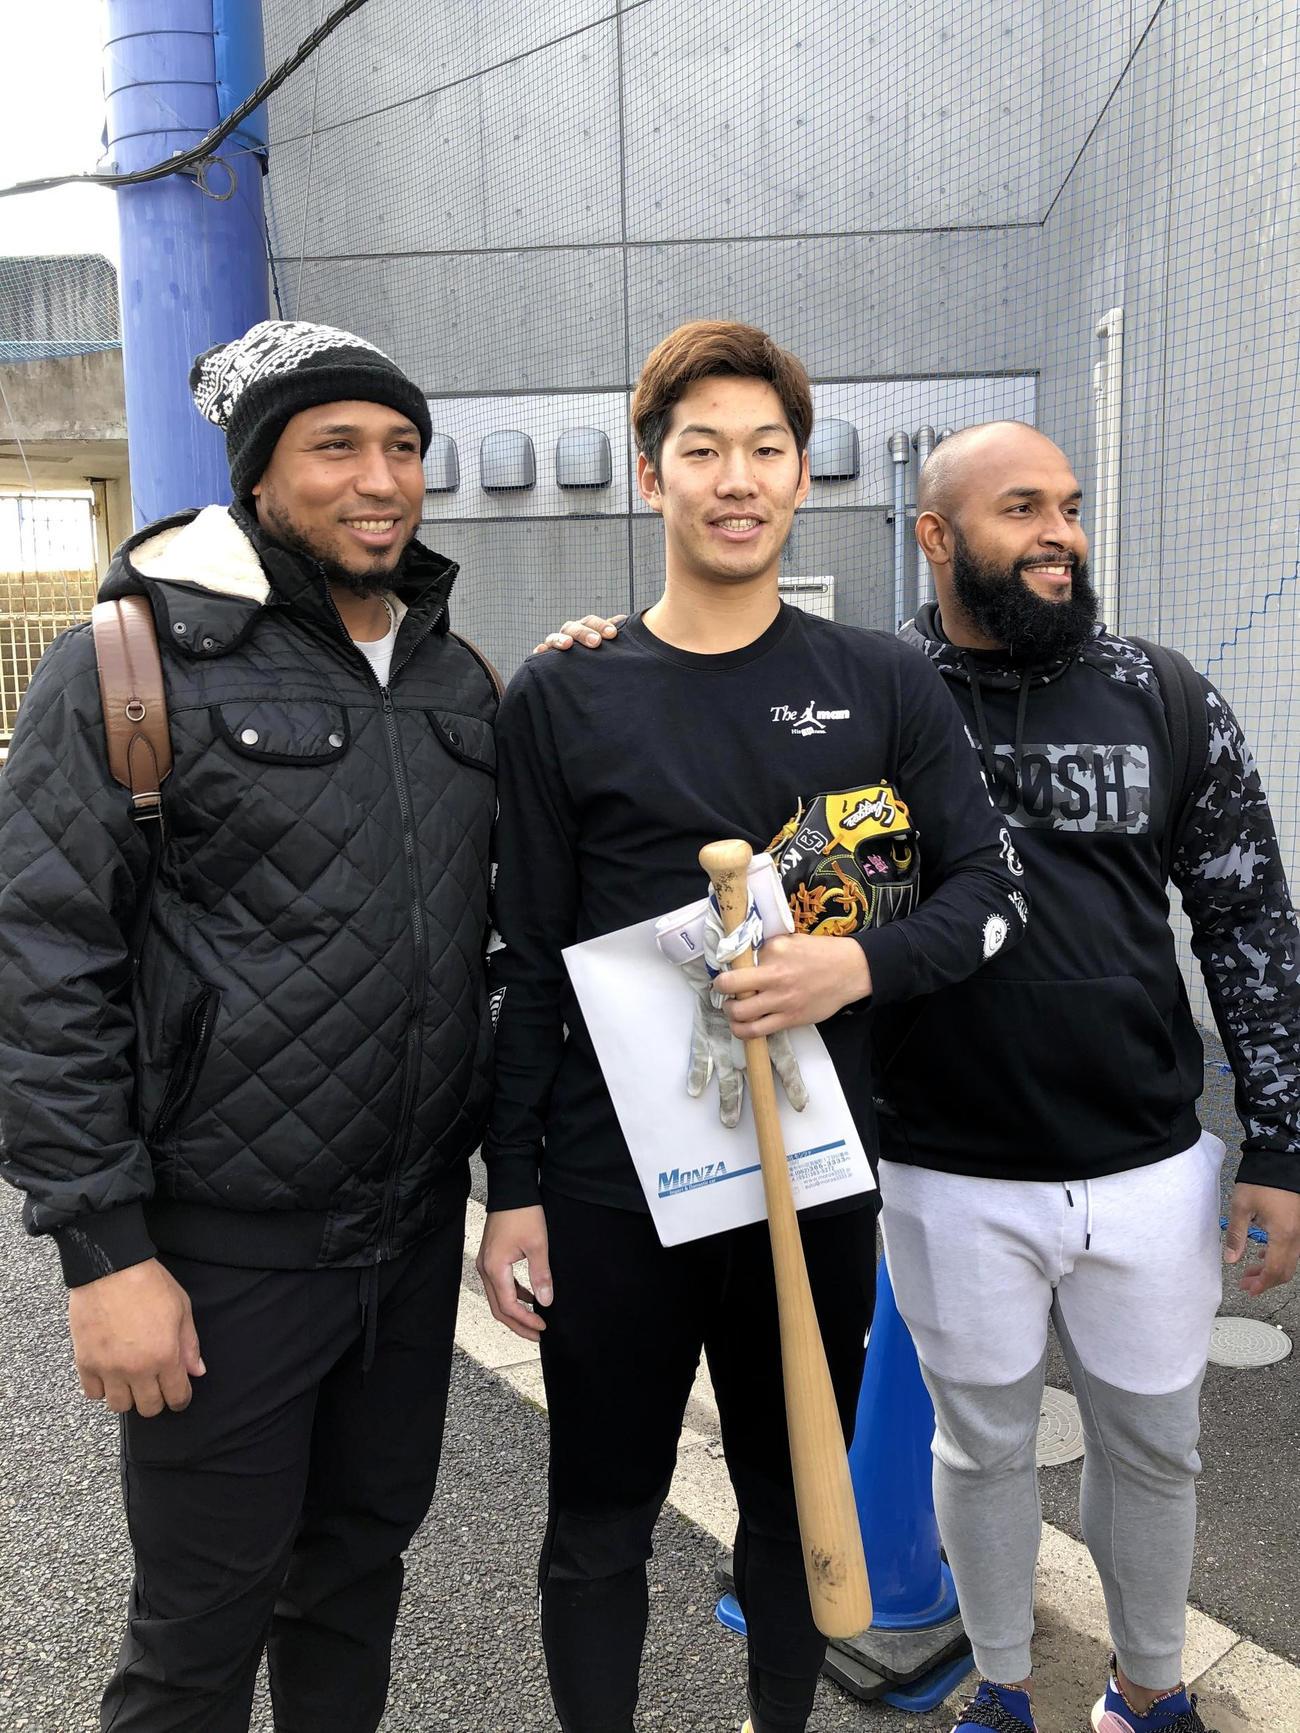 中日新外国人のシエラ(左)はアルモンテ(右)に紹介された京田(中)と笑顔で記念撮影